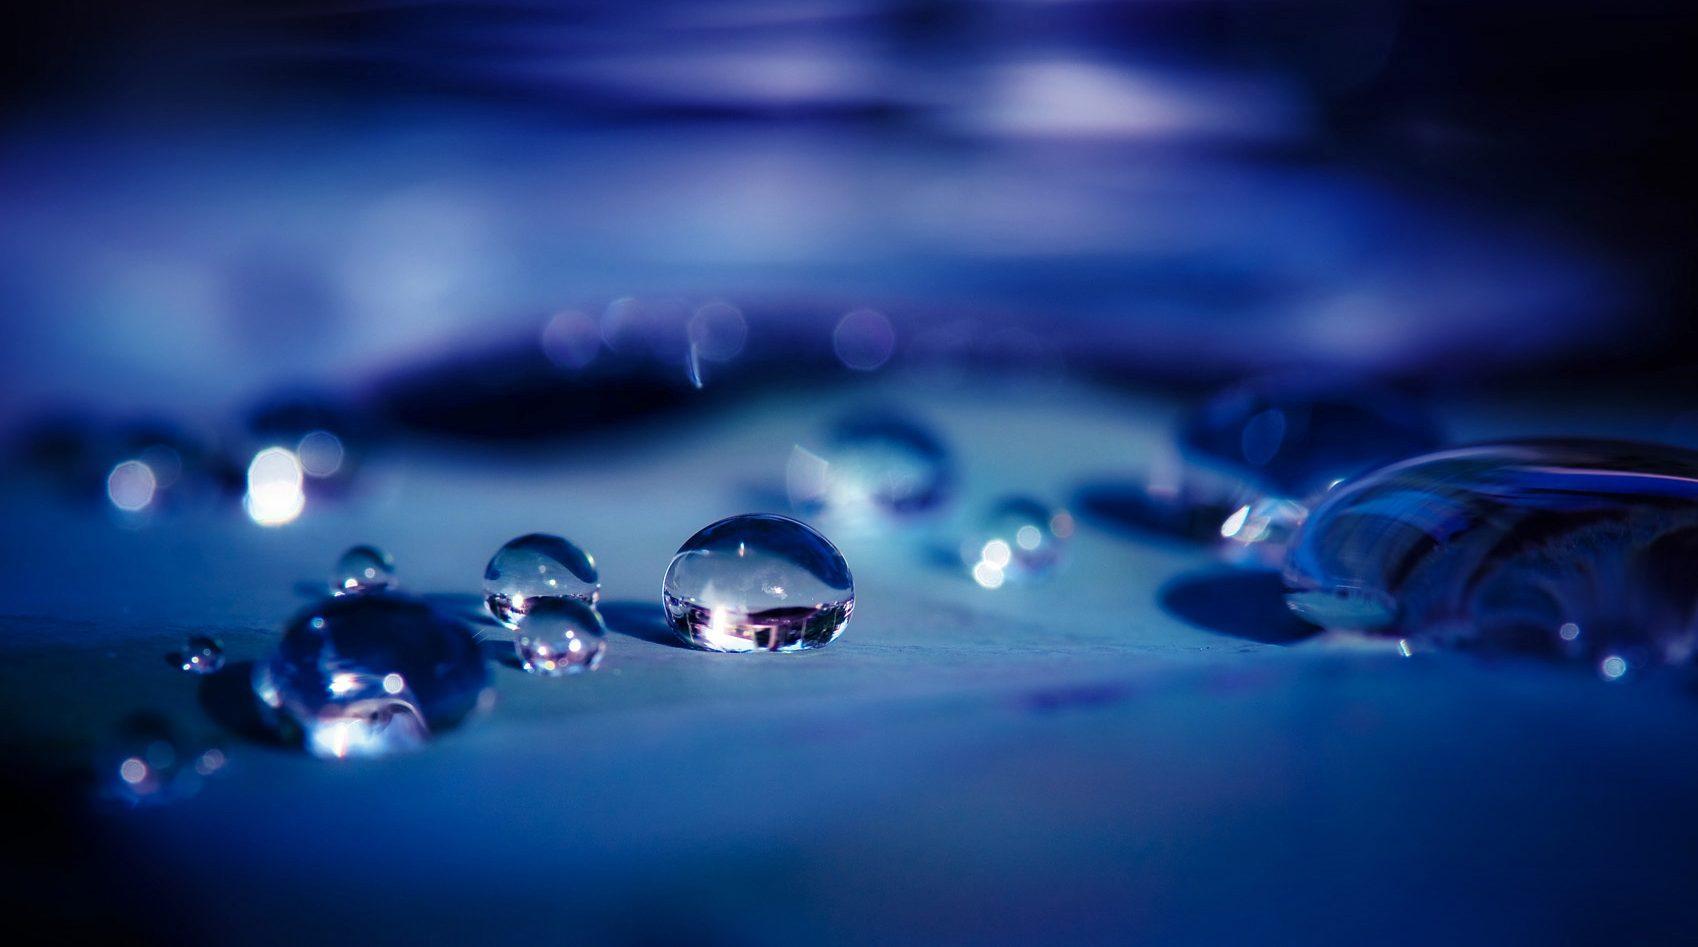 Vanduo Jūsų poreikiams... - Buitinis bei pramoninis cheminis vandens paruošimas